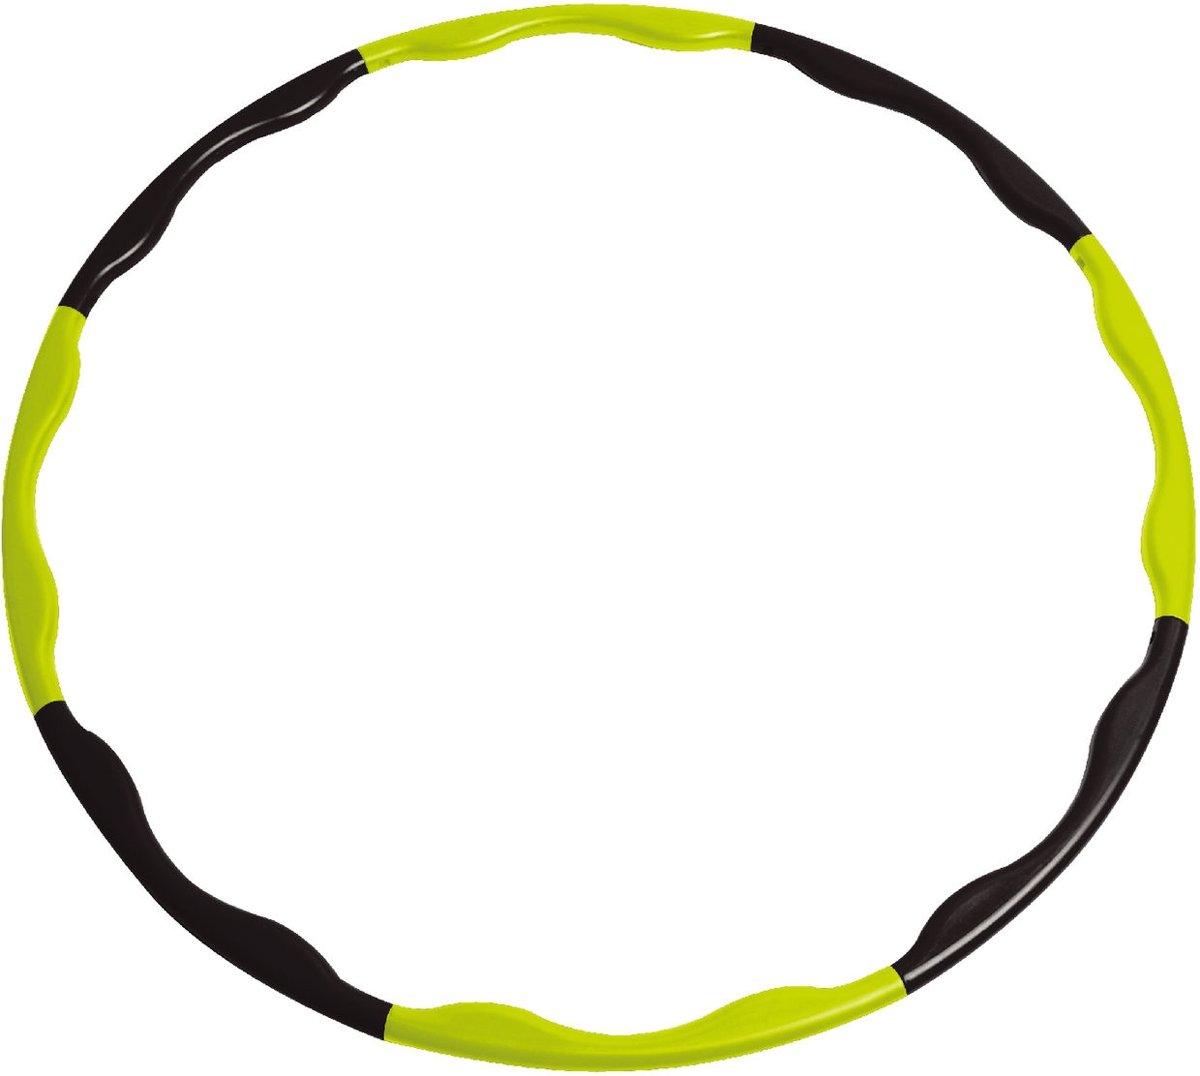 Weight hoop - Fitness Hoelahoep - 0.65 kg - Groen/Zwart kopen